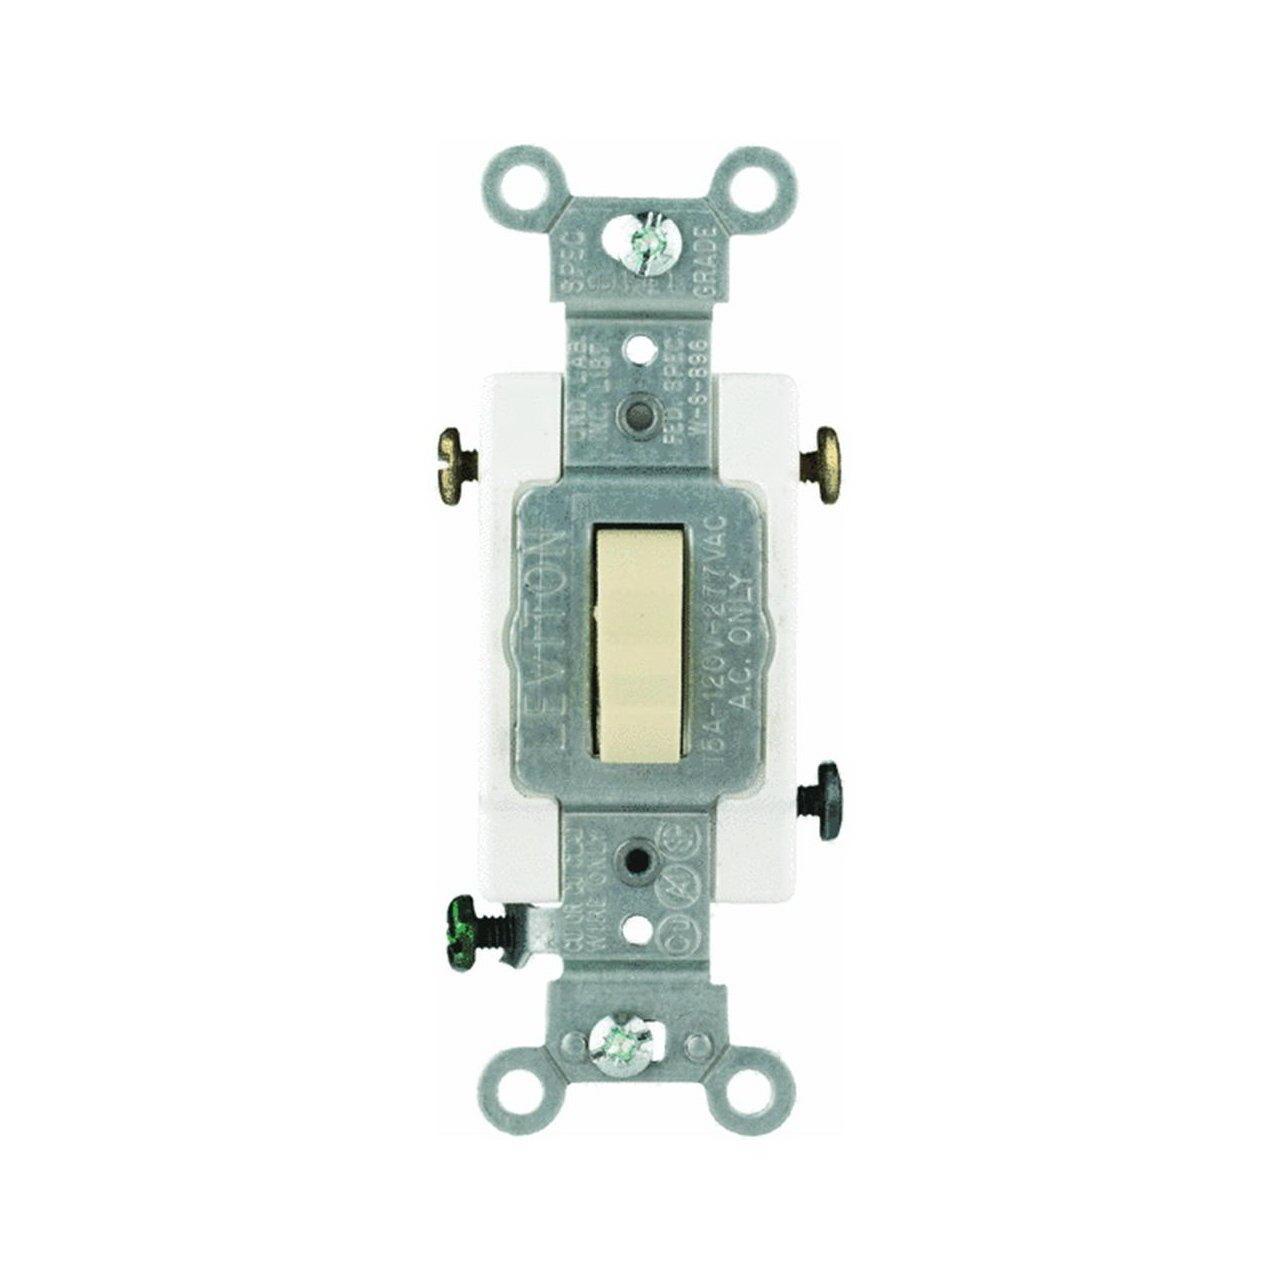 Leviton CS315-2I Grounded Toggle Switch, 120/277 V, 15 A, 1 P, Ivory